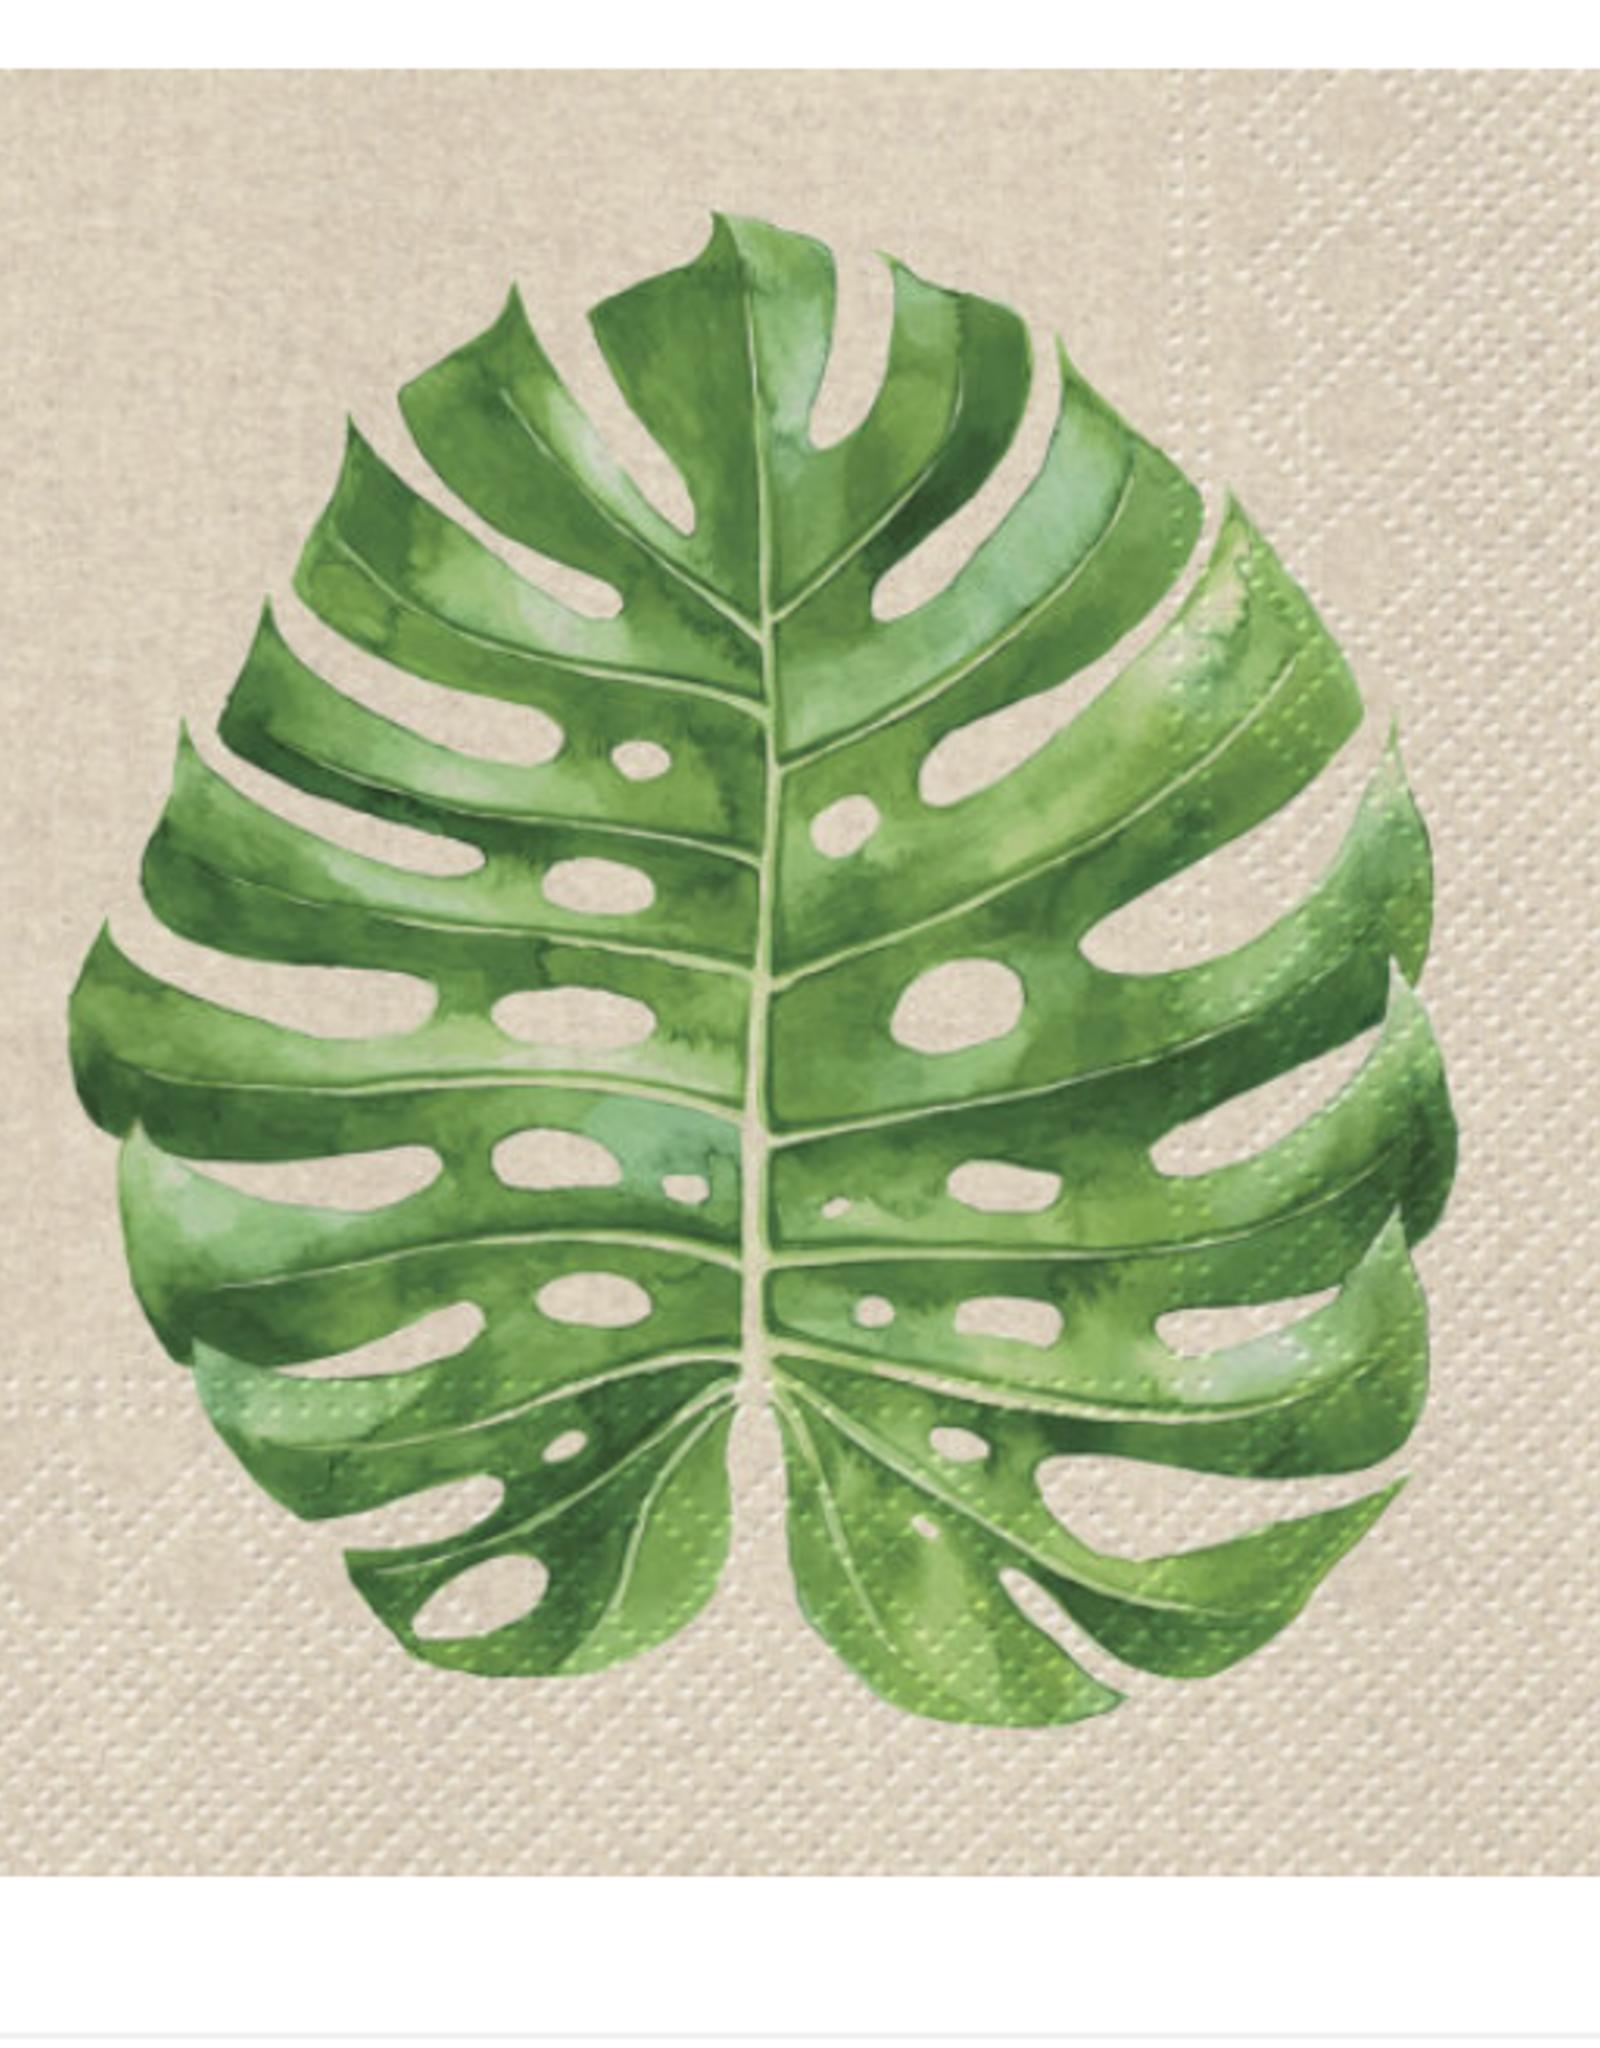 Monsterra Leaf Napkins 20 count